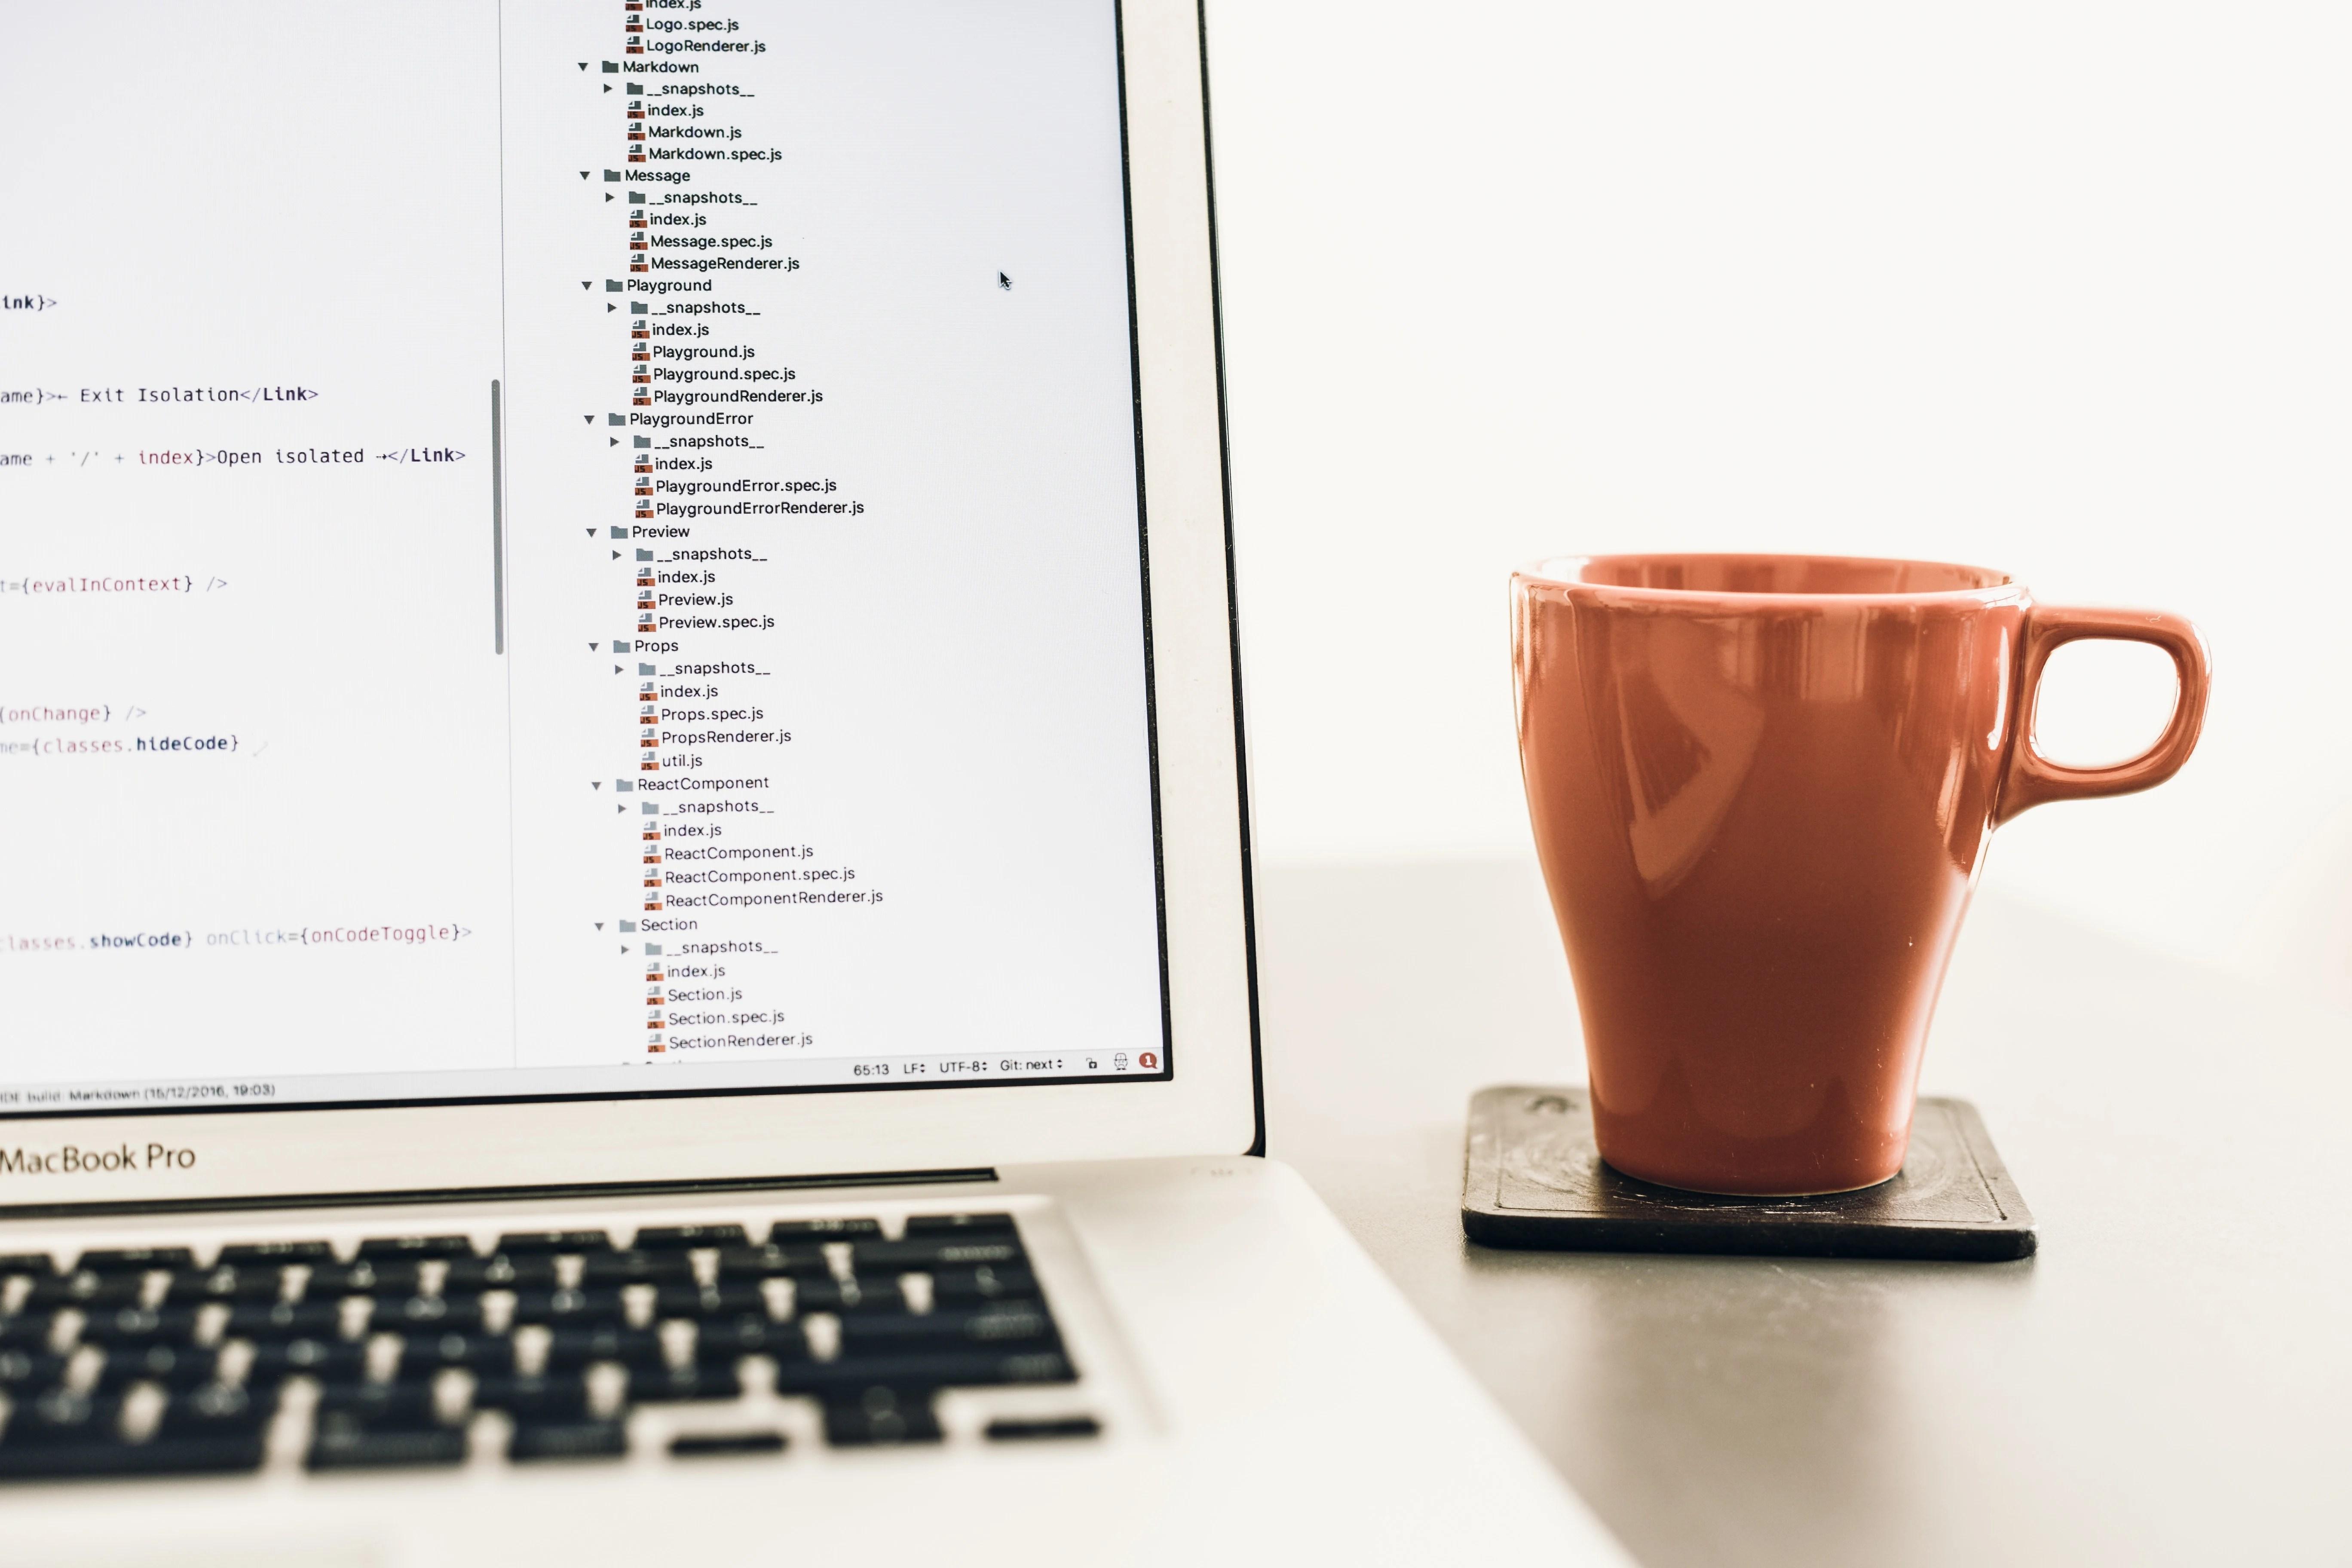 Unreal Engine, Java, développement web : tous les cours Udemy sont à 10 euros jusqu'au 28 novembre